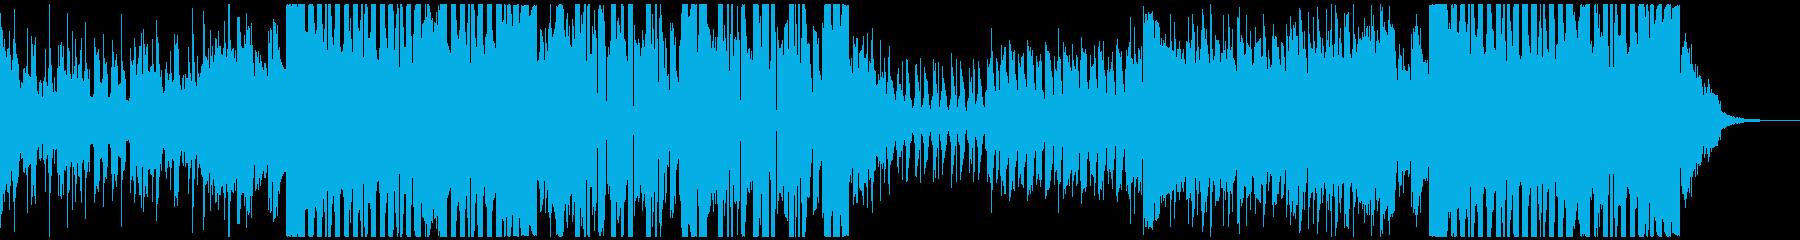 企業 PV系 爽やかな洋楽風EDMの再生済みの波形